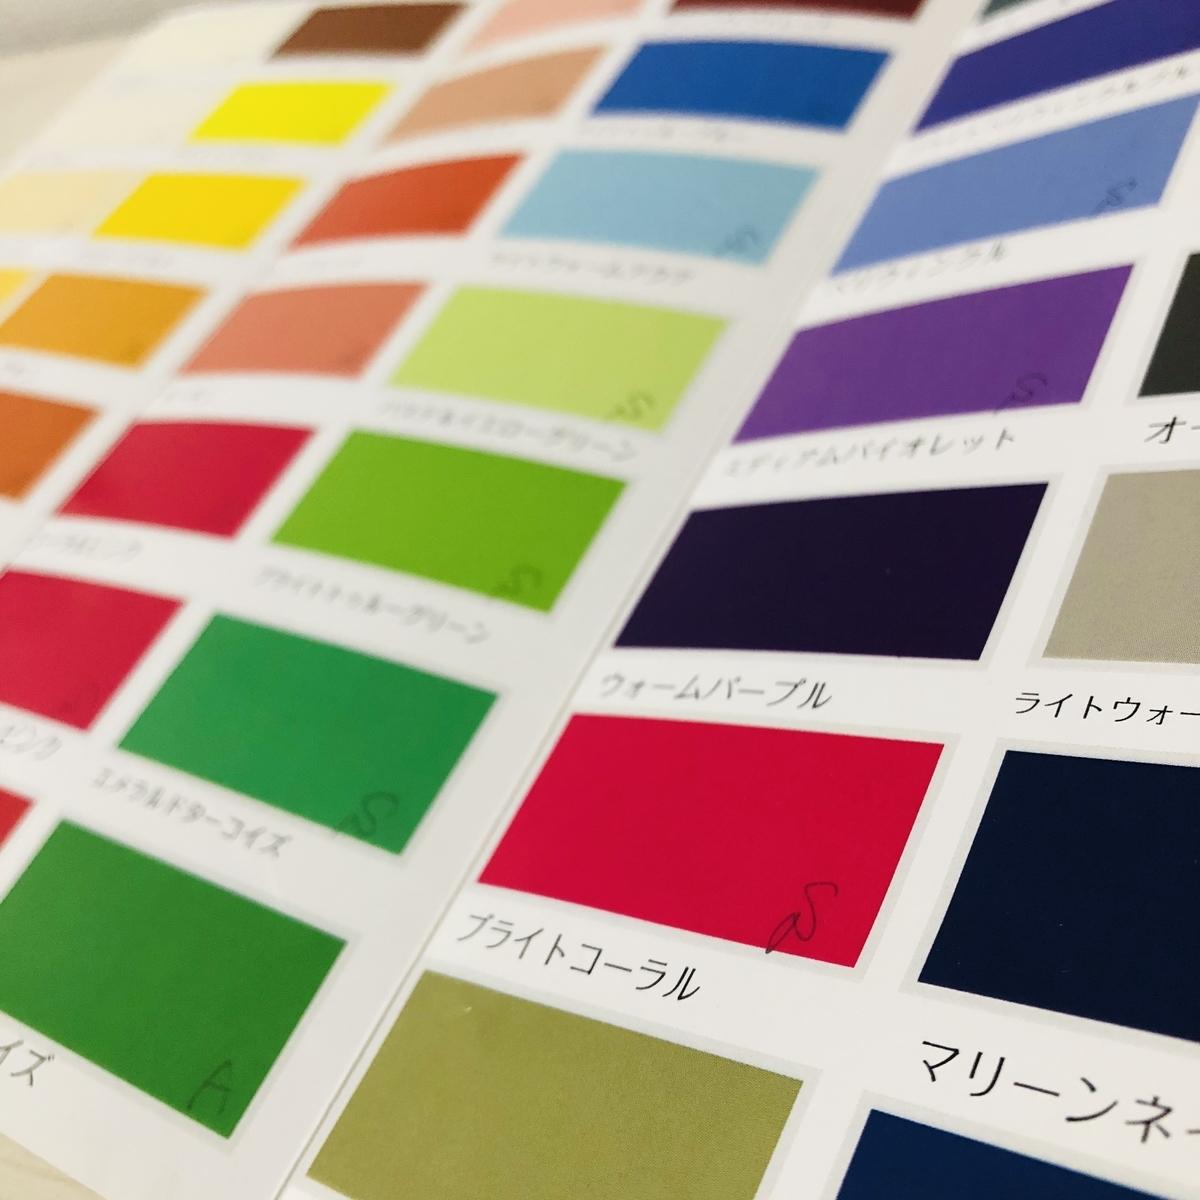 f:id:yurutto15:20200606101033j:plain